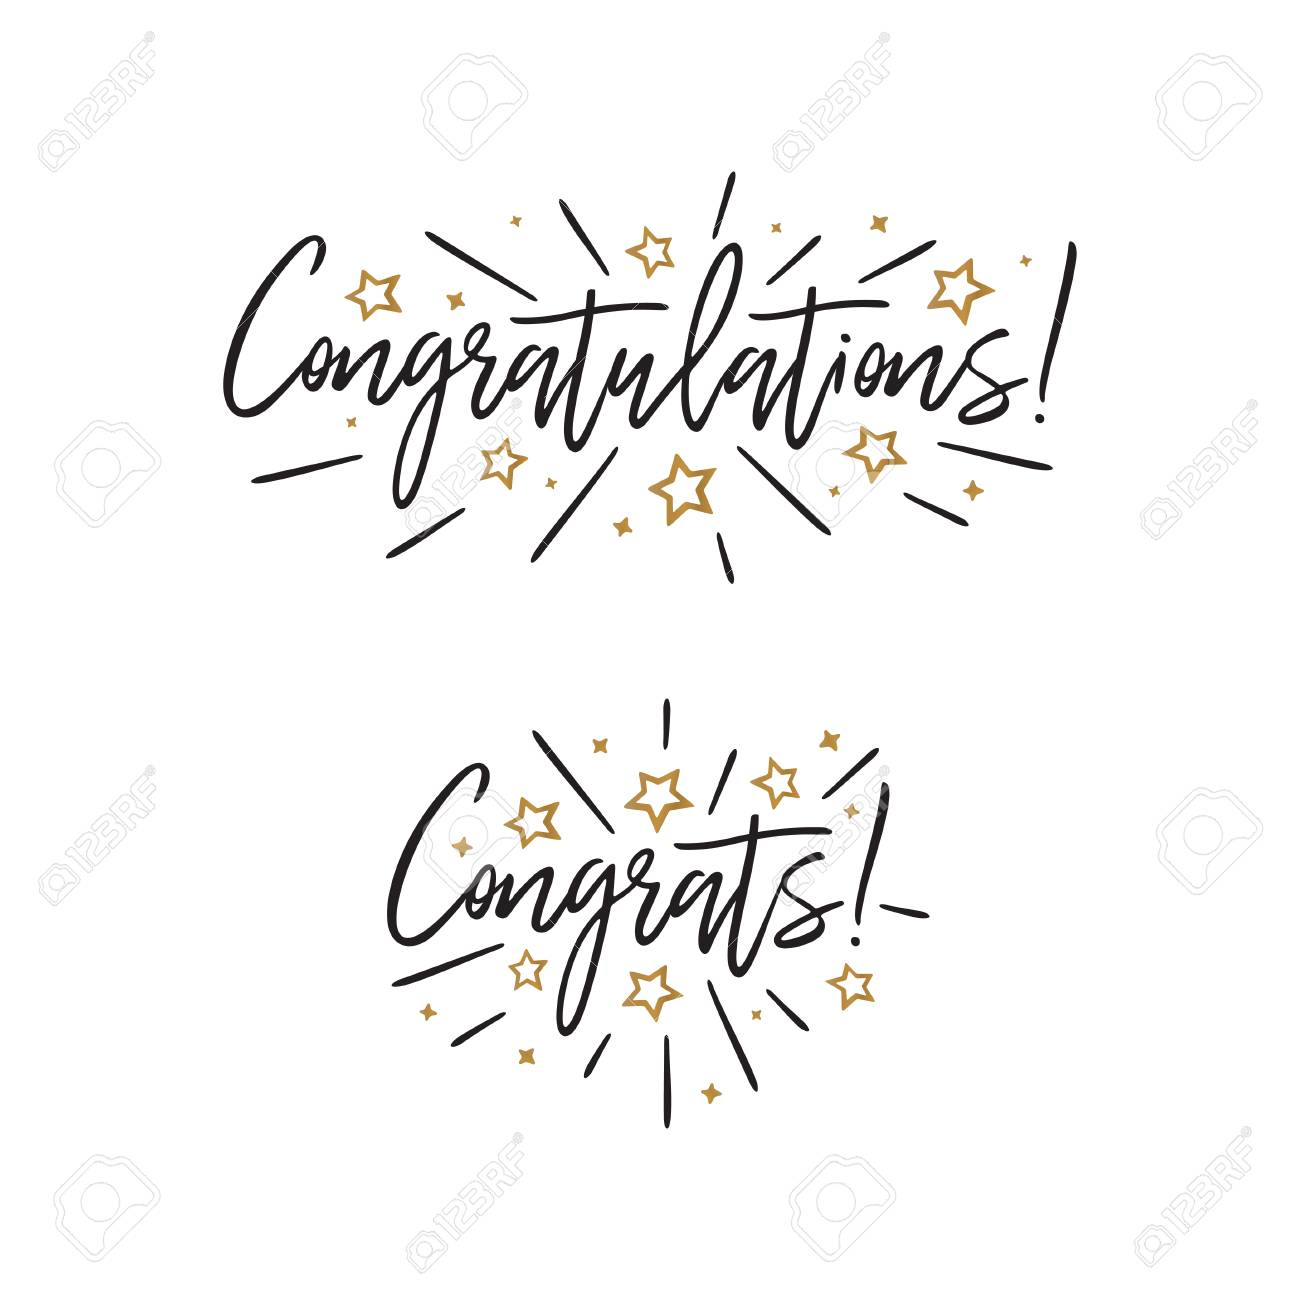 Congratulations. Hand lettering. Vector handwritten typography. - 98181247